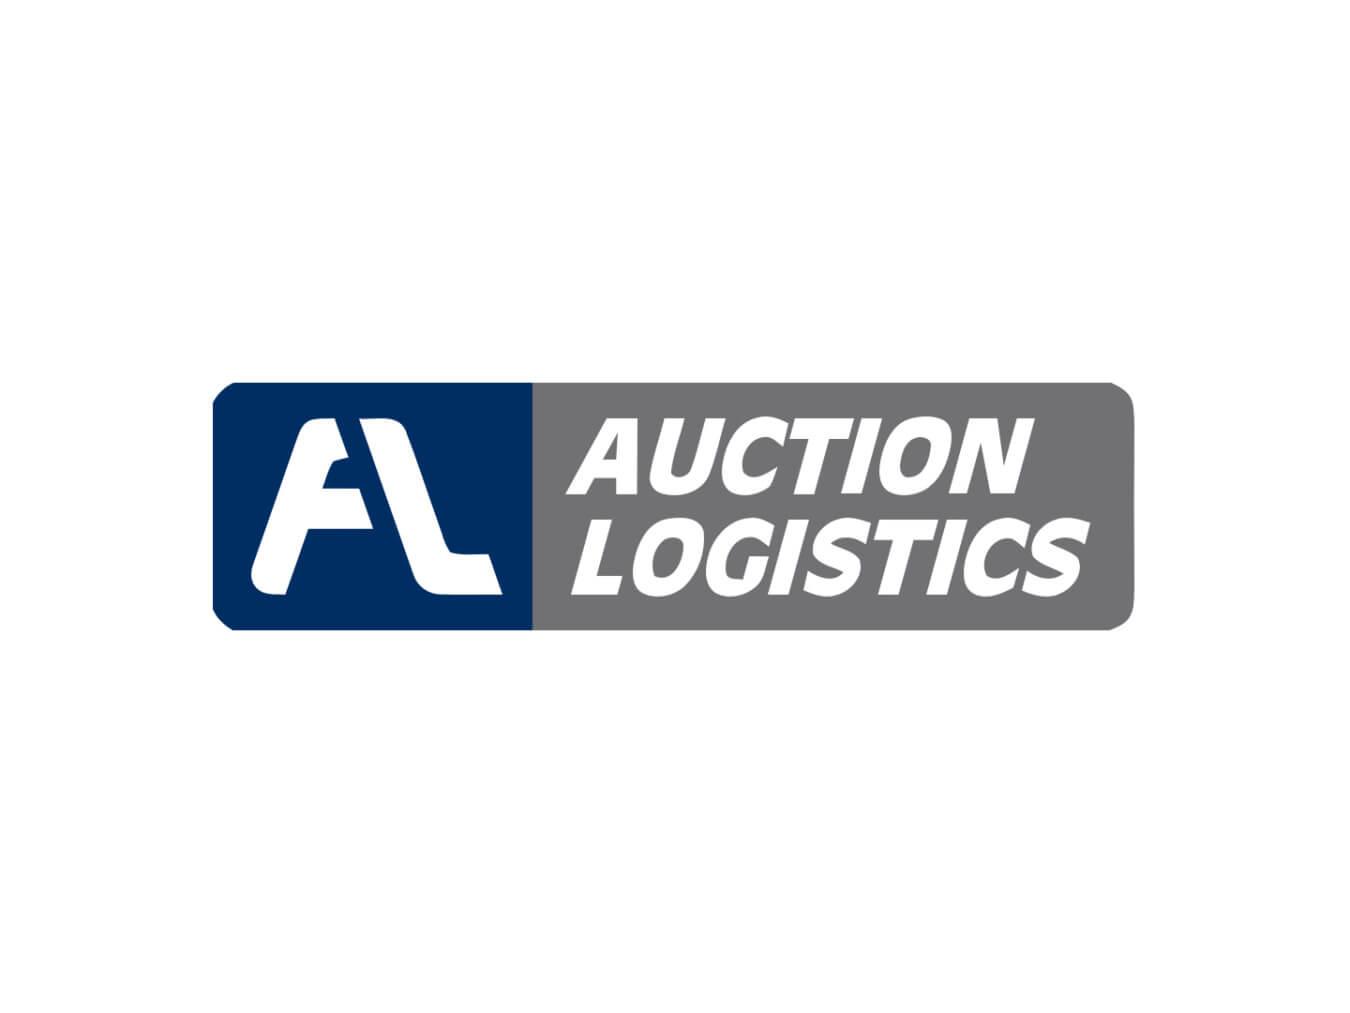 Auction Logistics